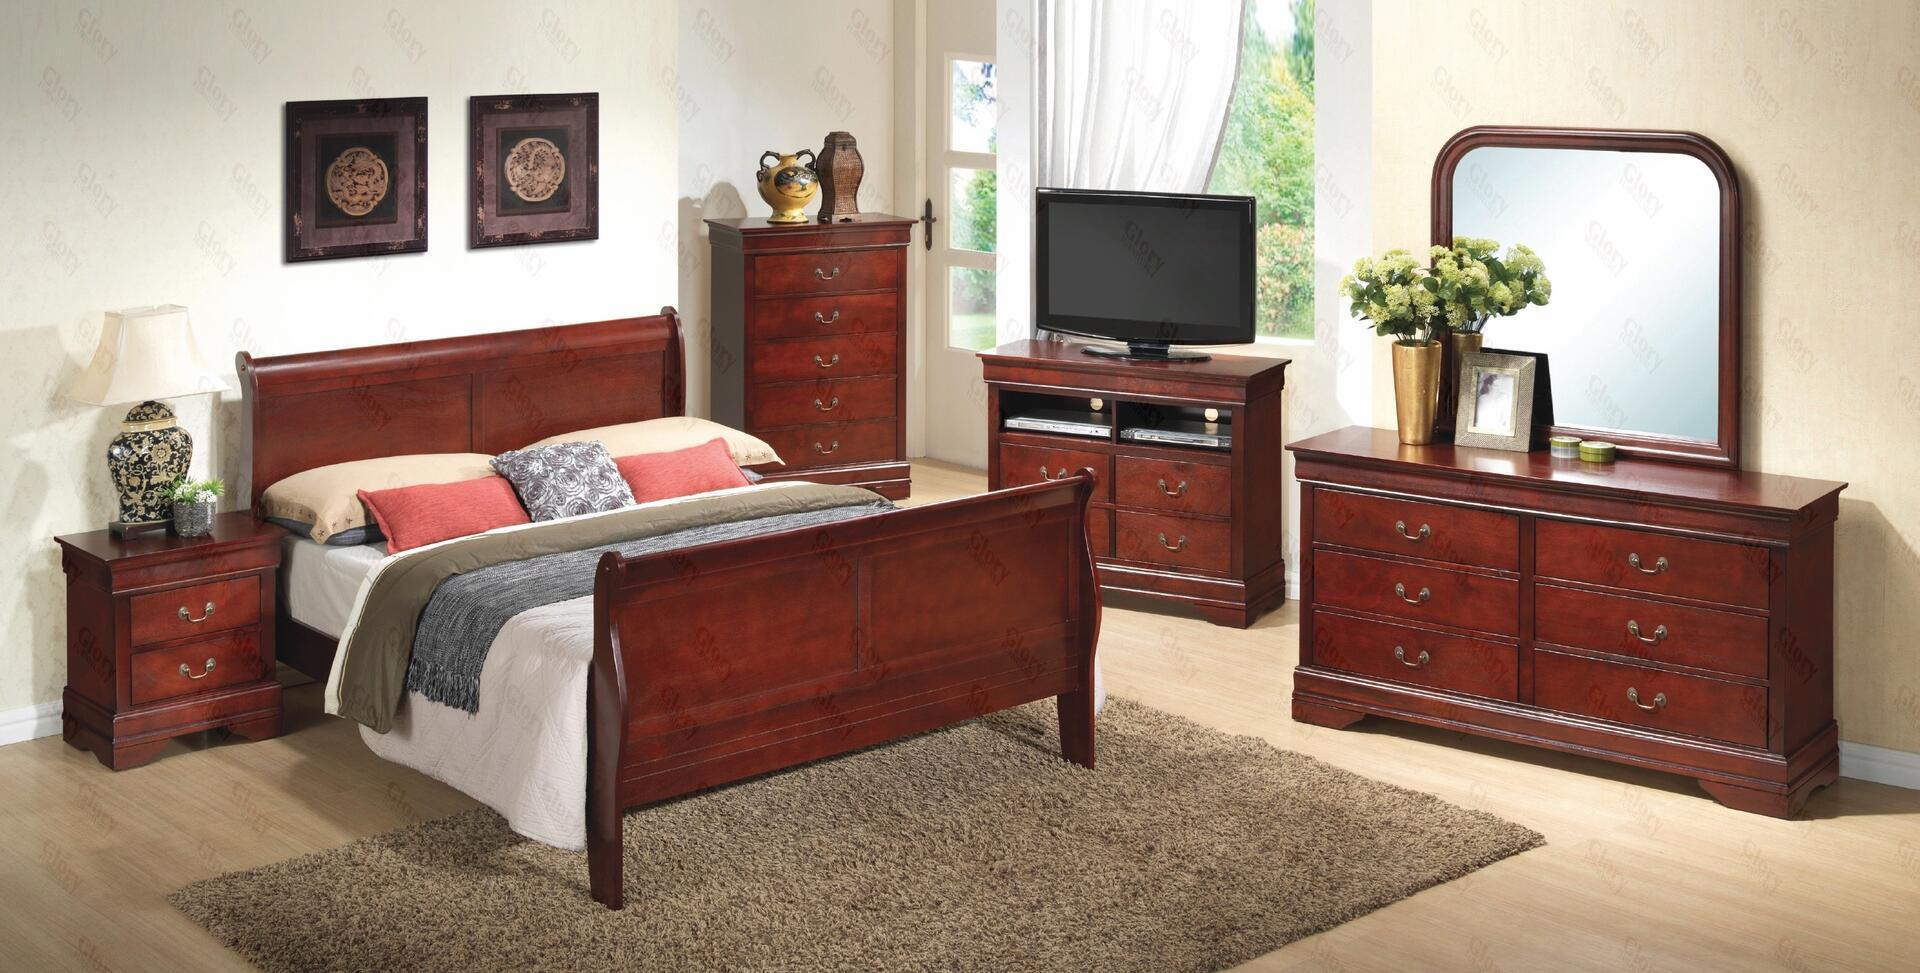 Glory Furniture G3100akbset King Bedroom Sets Appliances